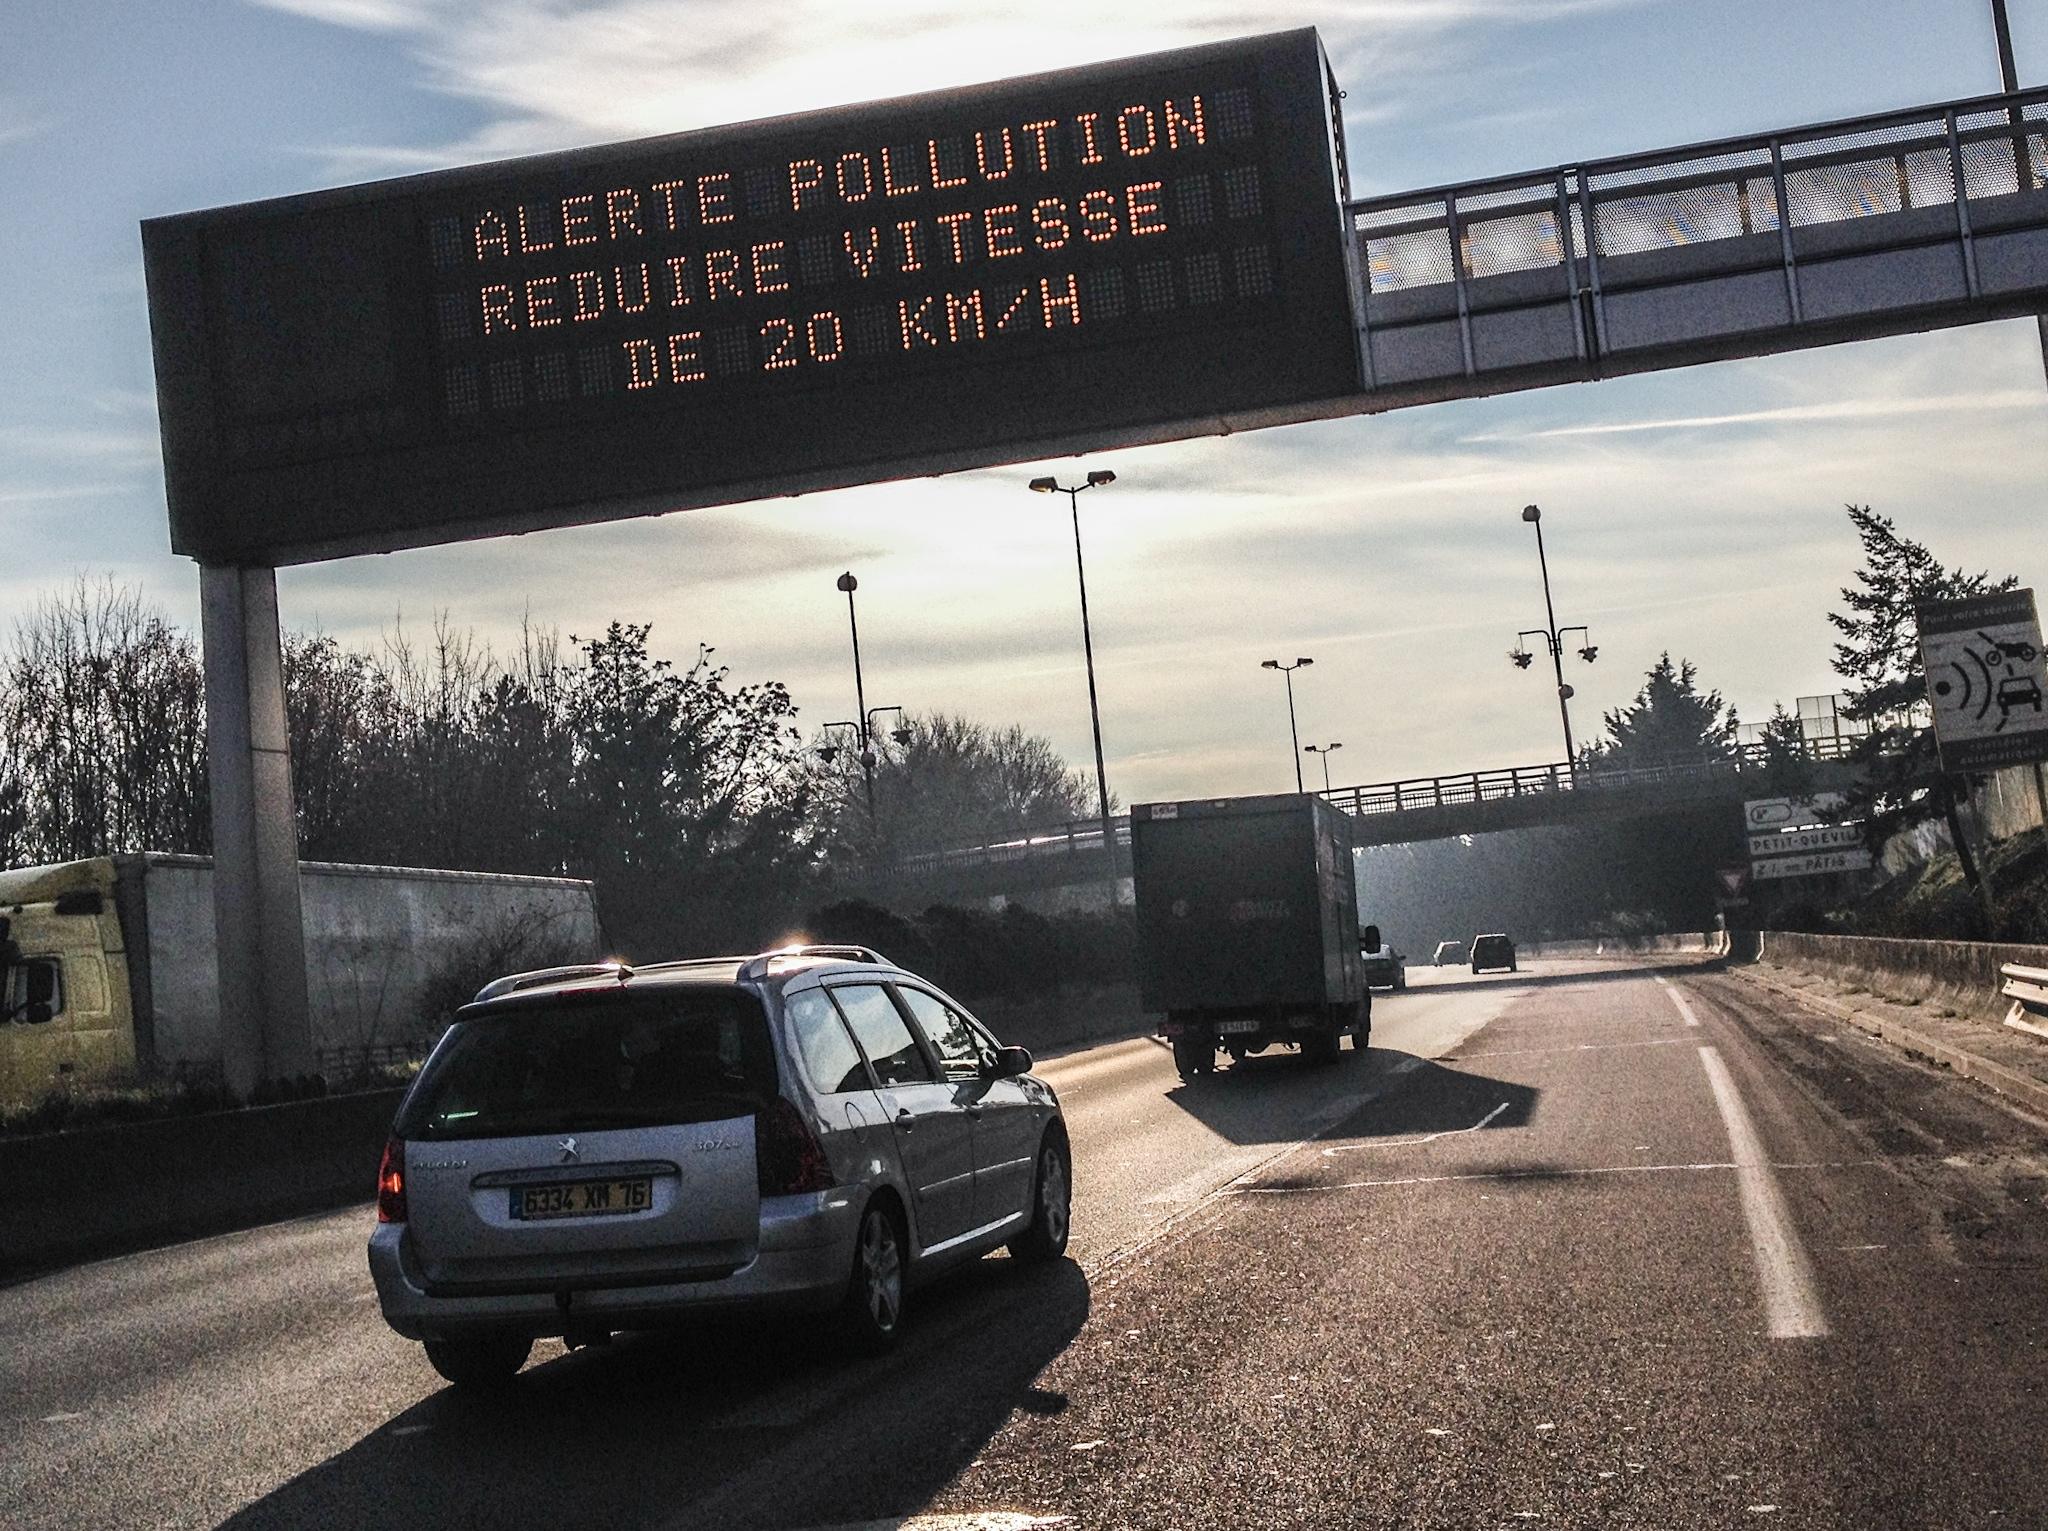 Réduire sa vitesse de 20 km/h est la recommandation du préfet (Photo @infonormandie)